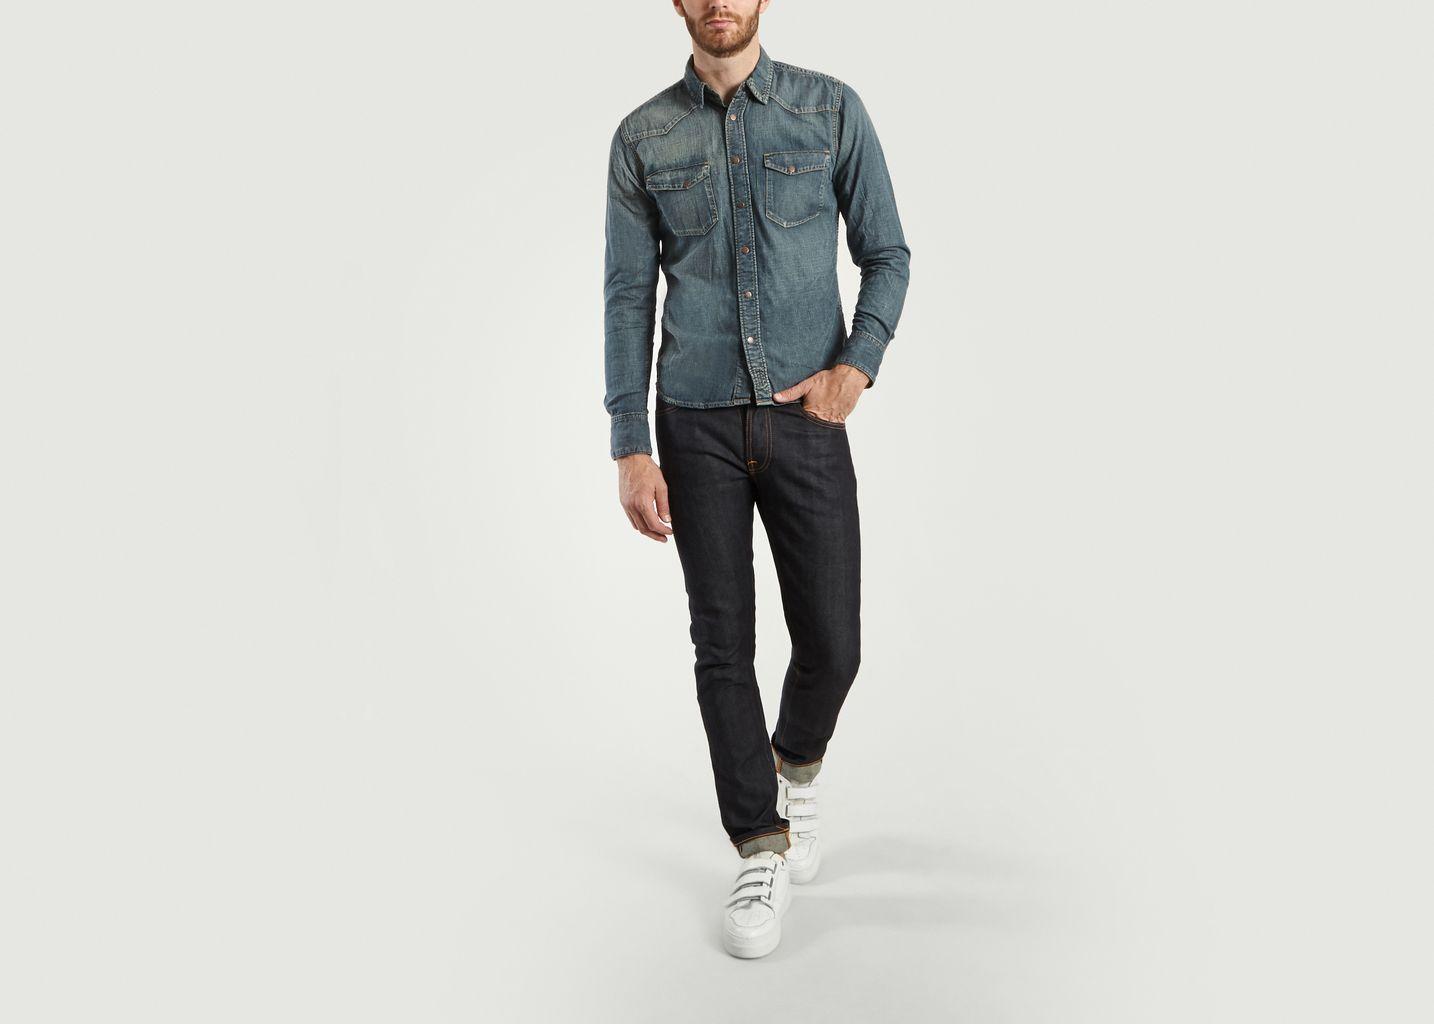 8a5ad017ec3 Jonis Shimmering Denim Jacket Denim Nudie Jeans